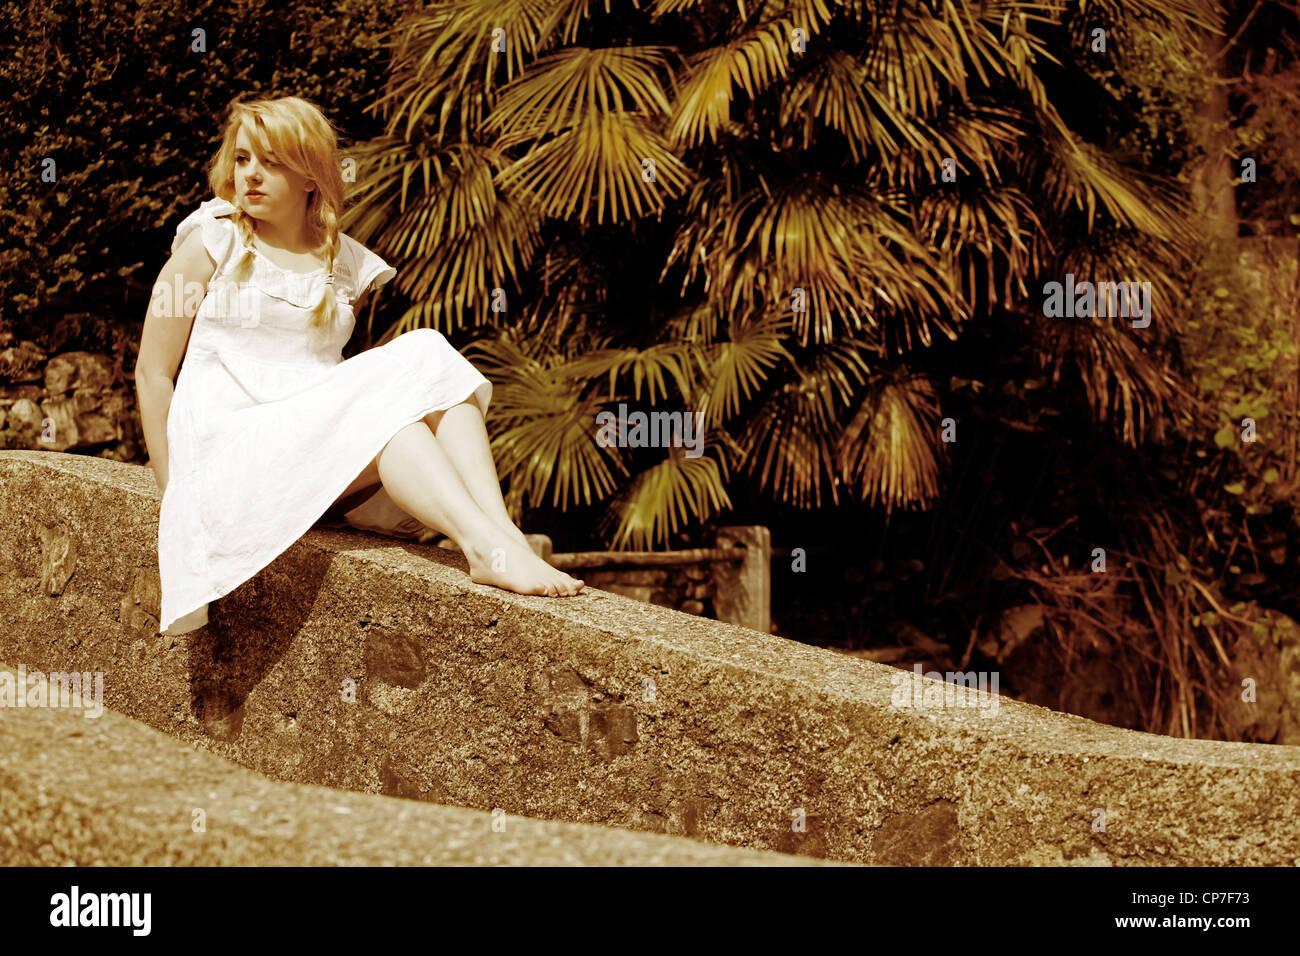 junge Frau mit Zöpfen sitzt auf einer Wand in einem weißen Kleid Stockbild